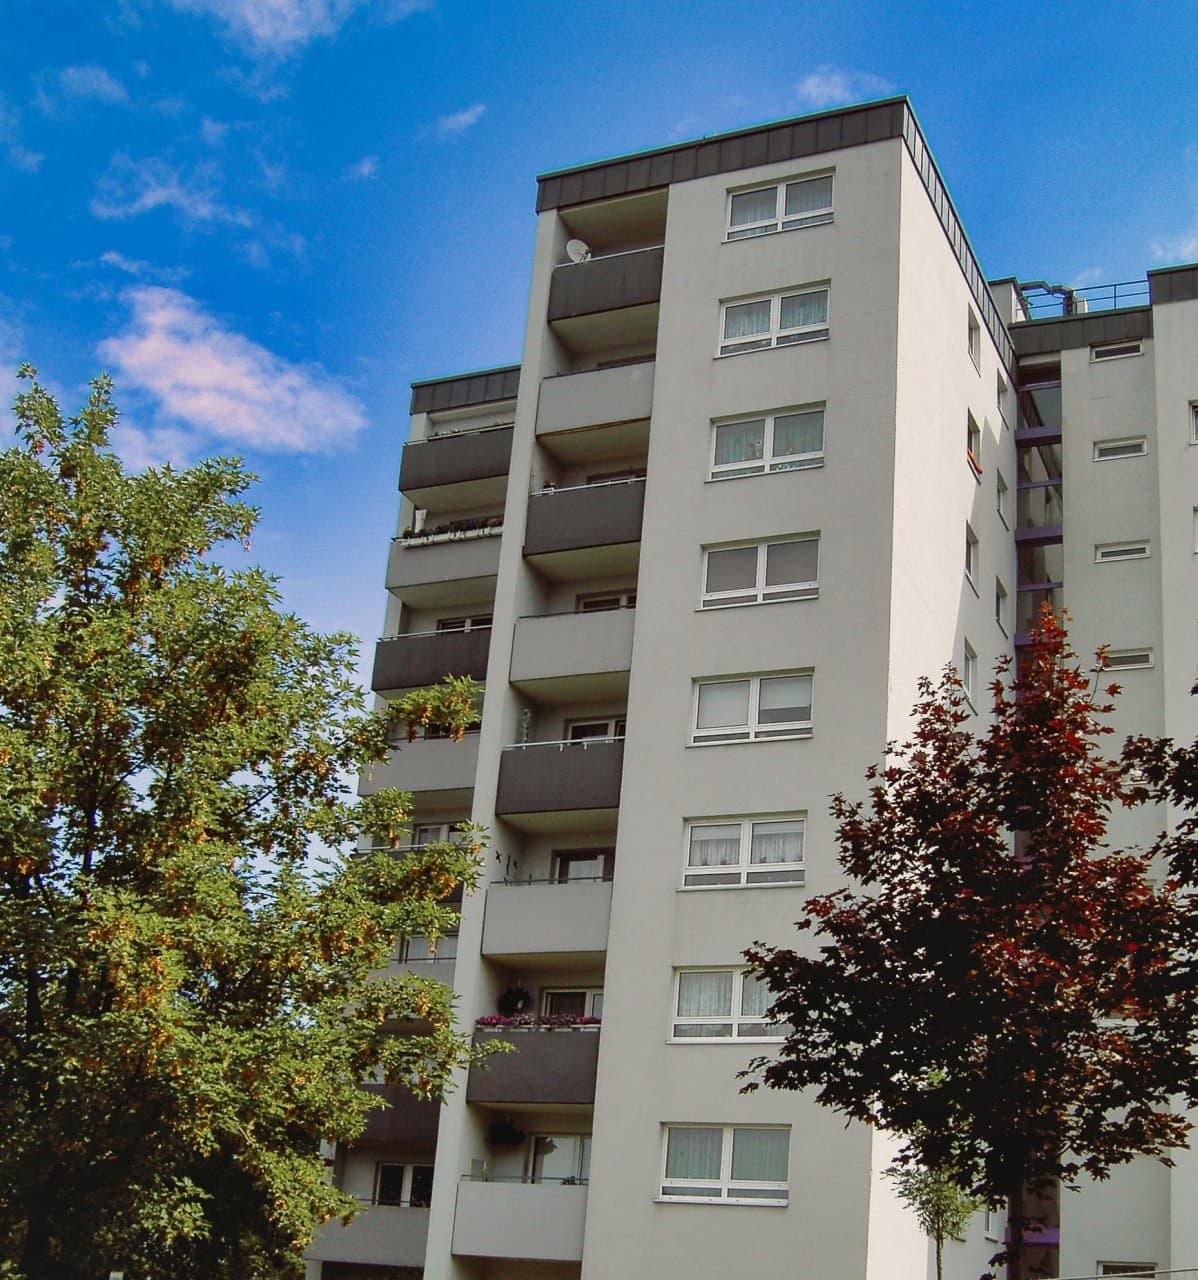 Mehrfamilienhaus Abbau und Entsorgung der Asbestzement- Fassadentafeln